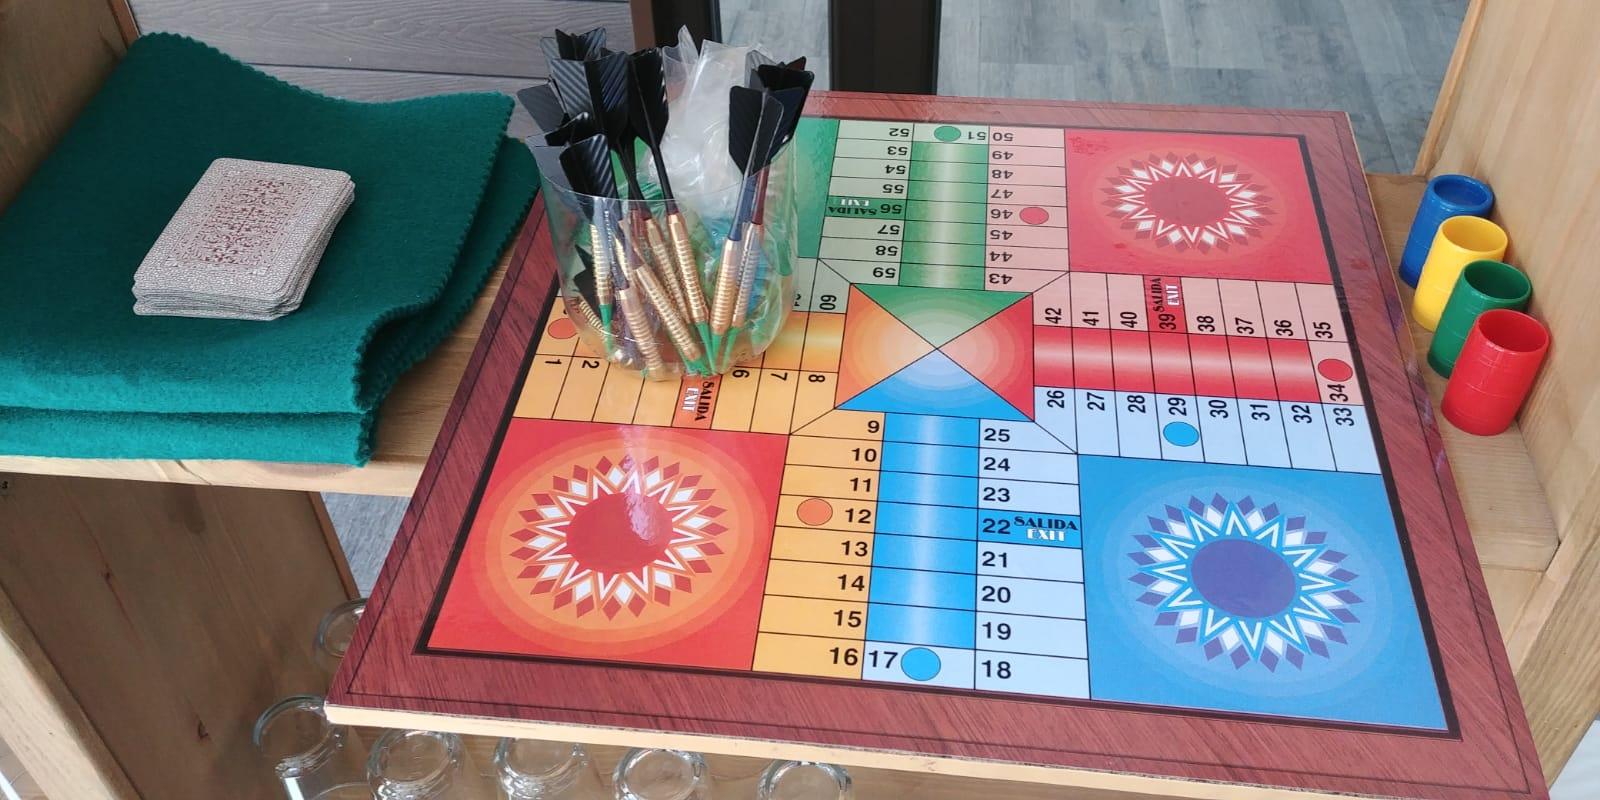 Parchís, dardos, barajas, juegos La Antigua Escuela de El Bierzo